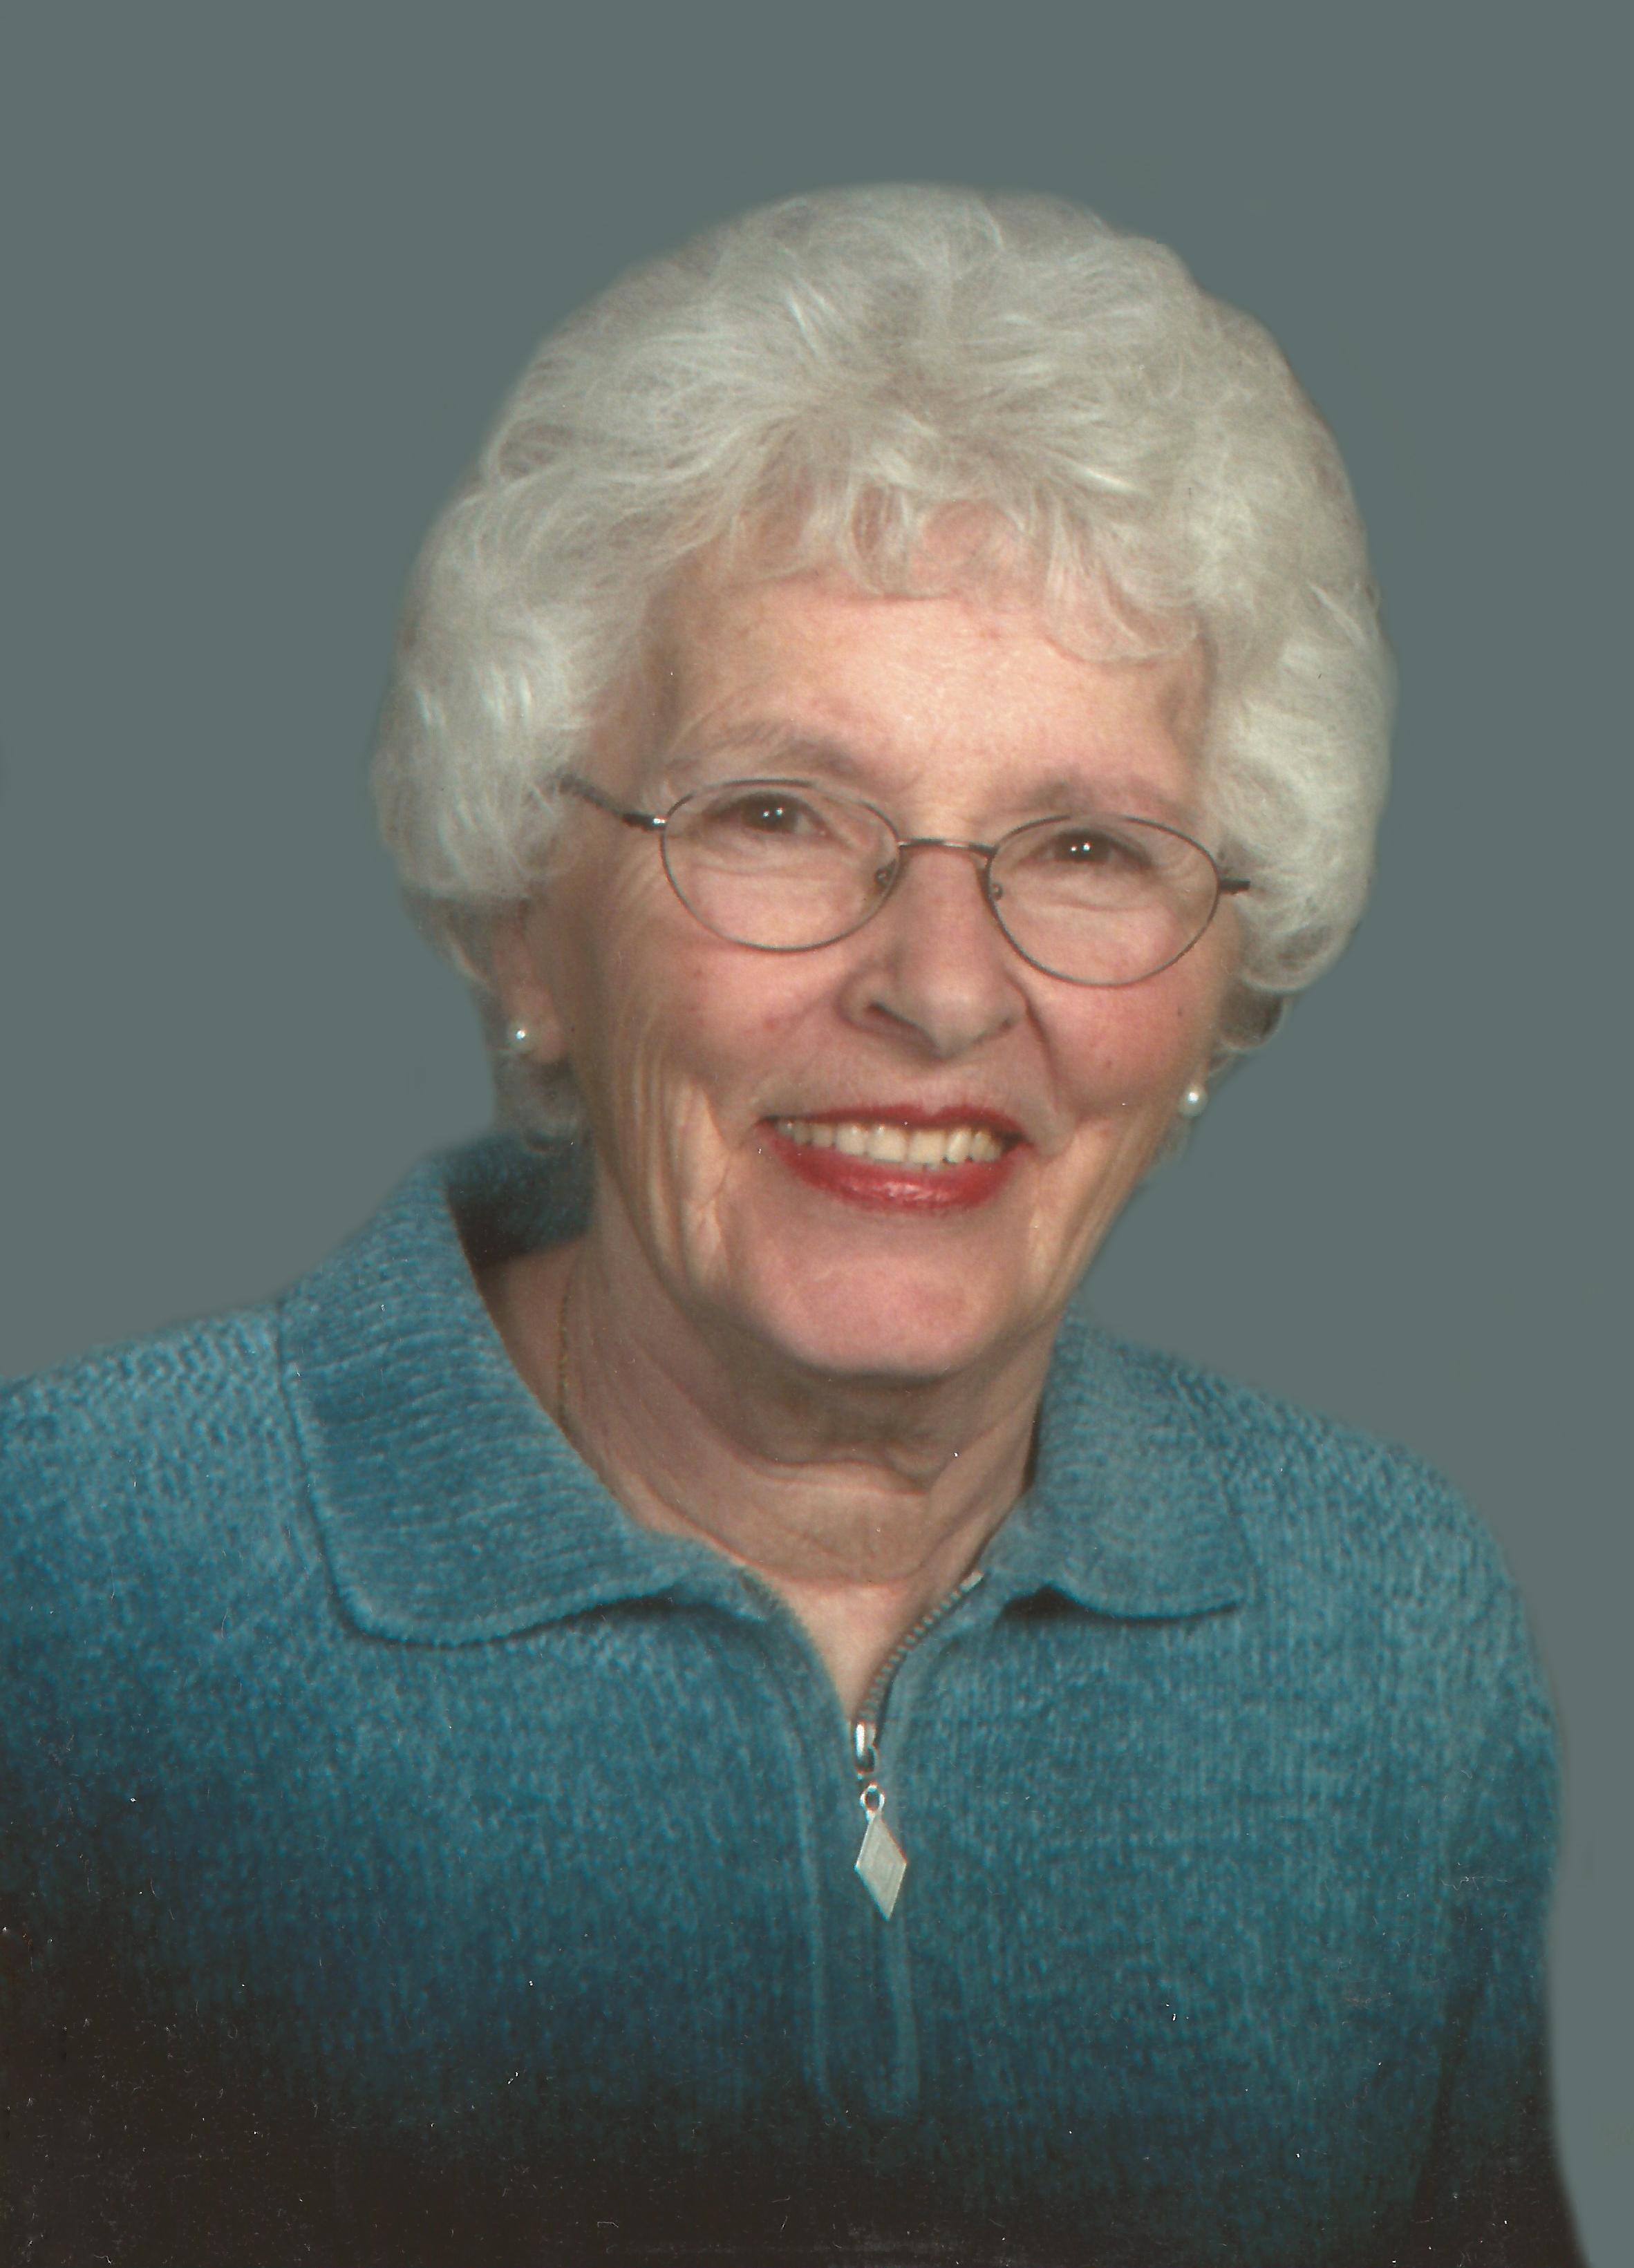 Karen Marie Brouillard